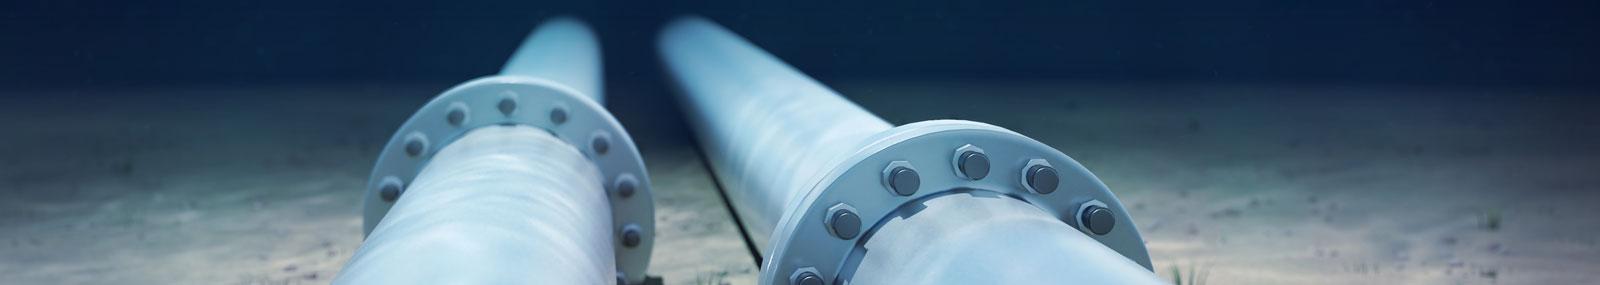 underwater steel pipe